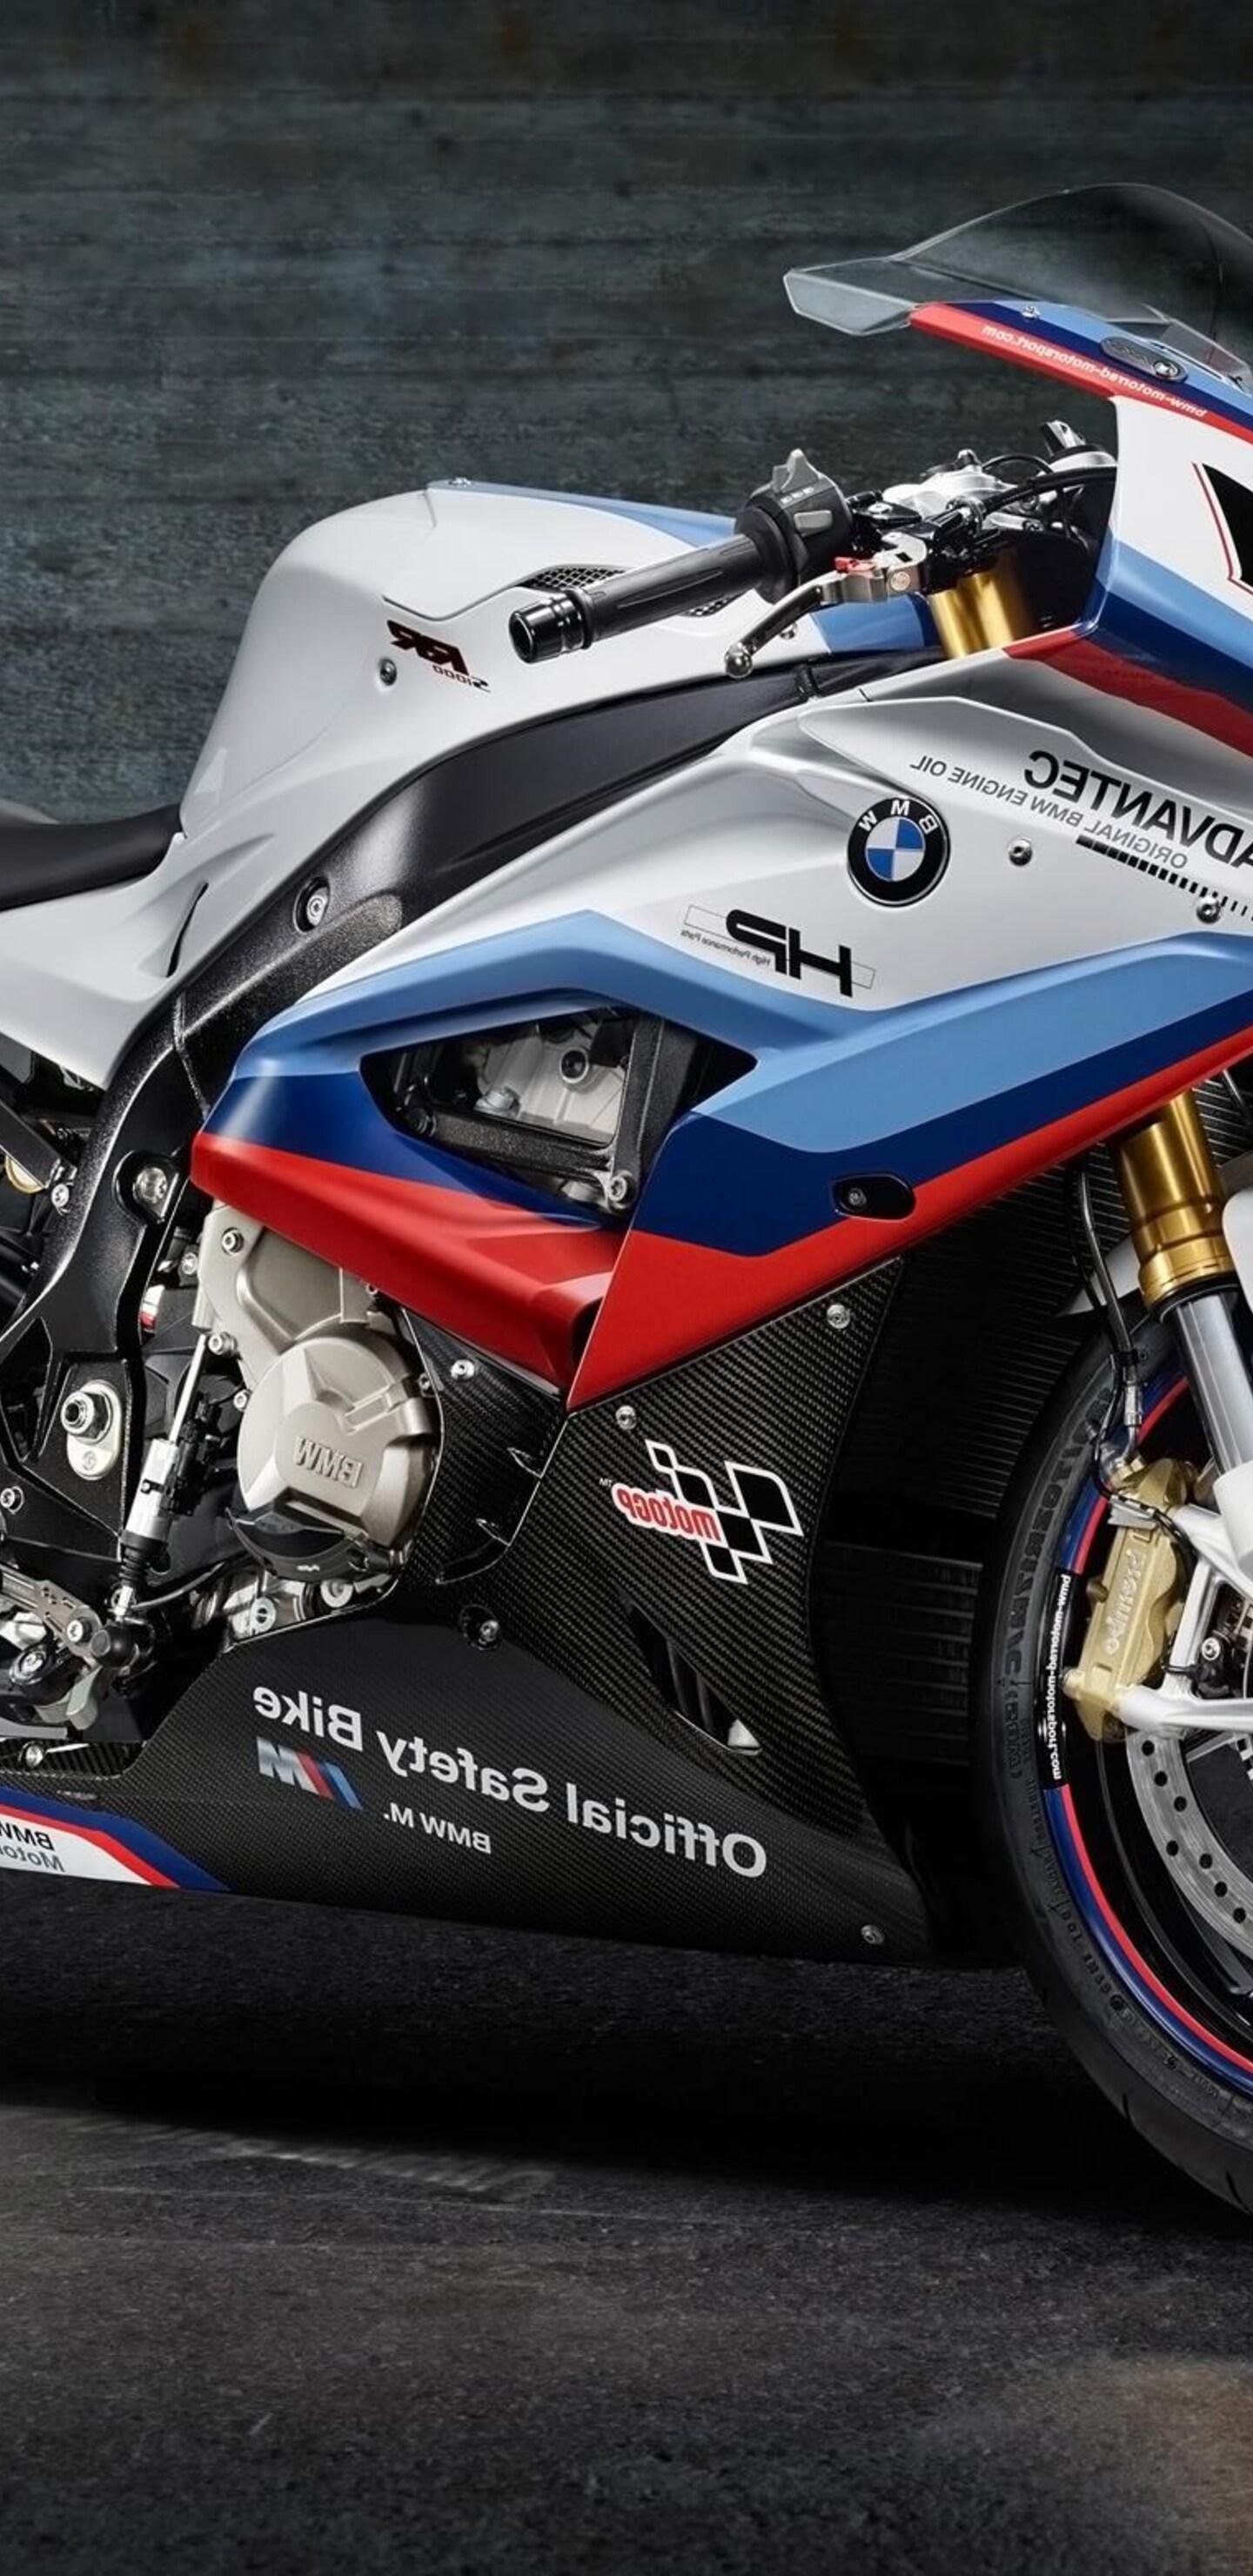 1440x2960 bmw m4 motogp safety bike samsung galaxy s8,s8+ ,note 8